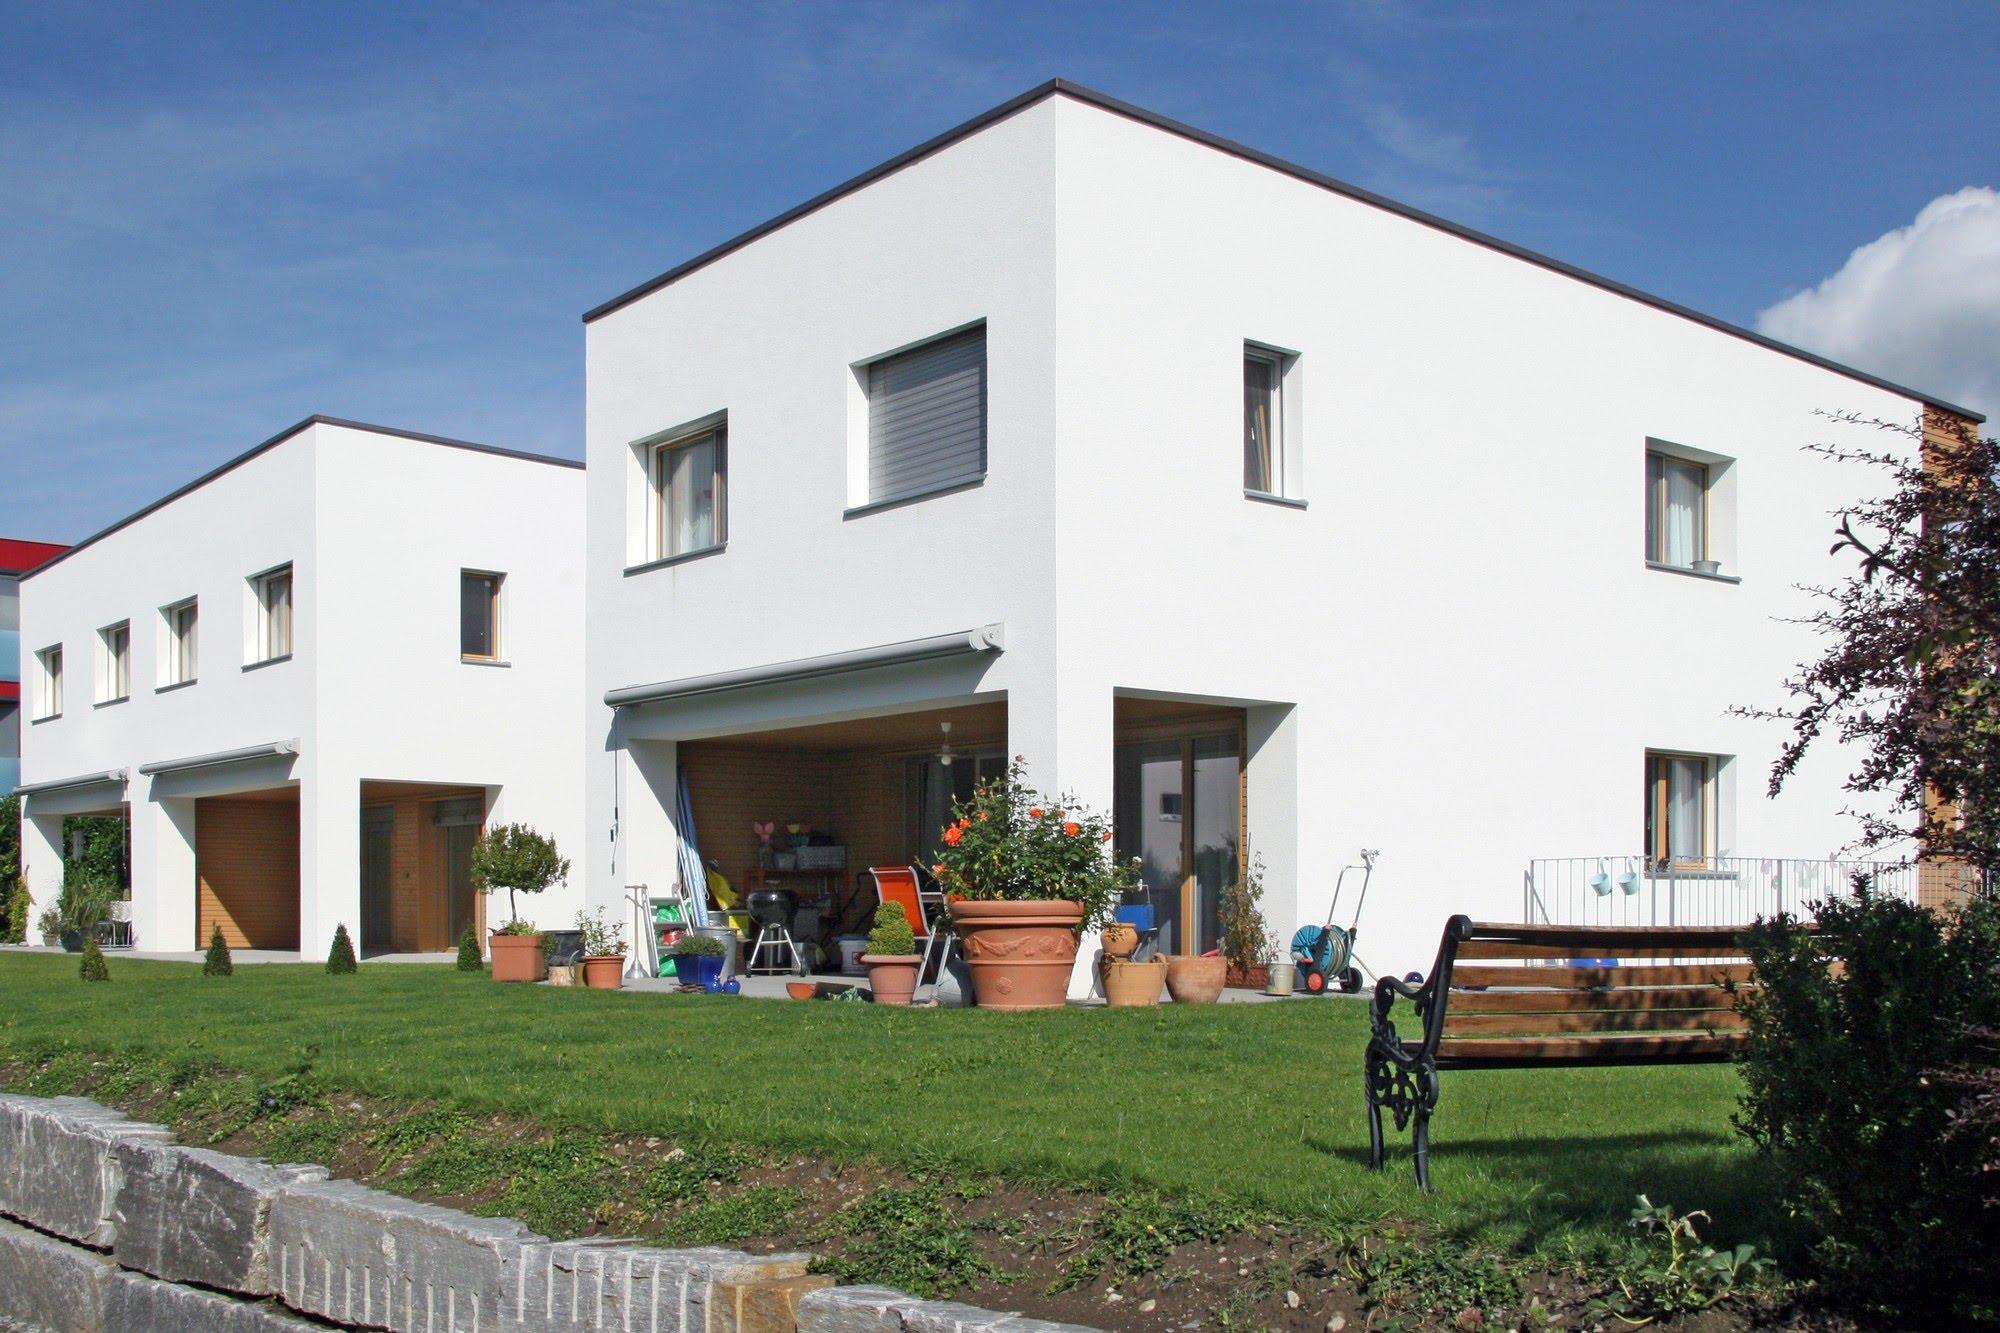 Wohnen EFH DEFH und EFH Kreuzhubel Architektur,Wohnungsbau,Wohnhäuser,Einfamilienhäuser,Mehrfamilienhäuser